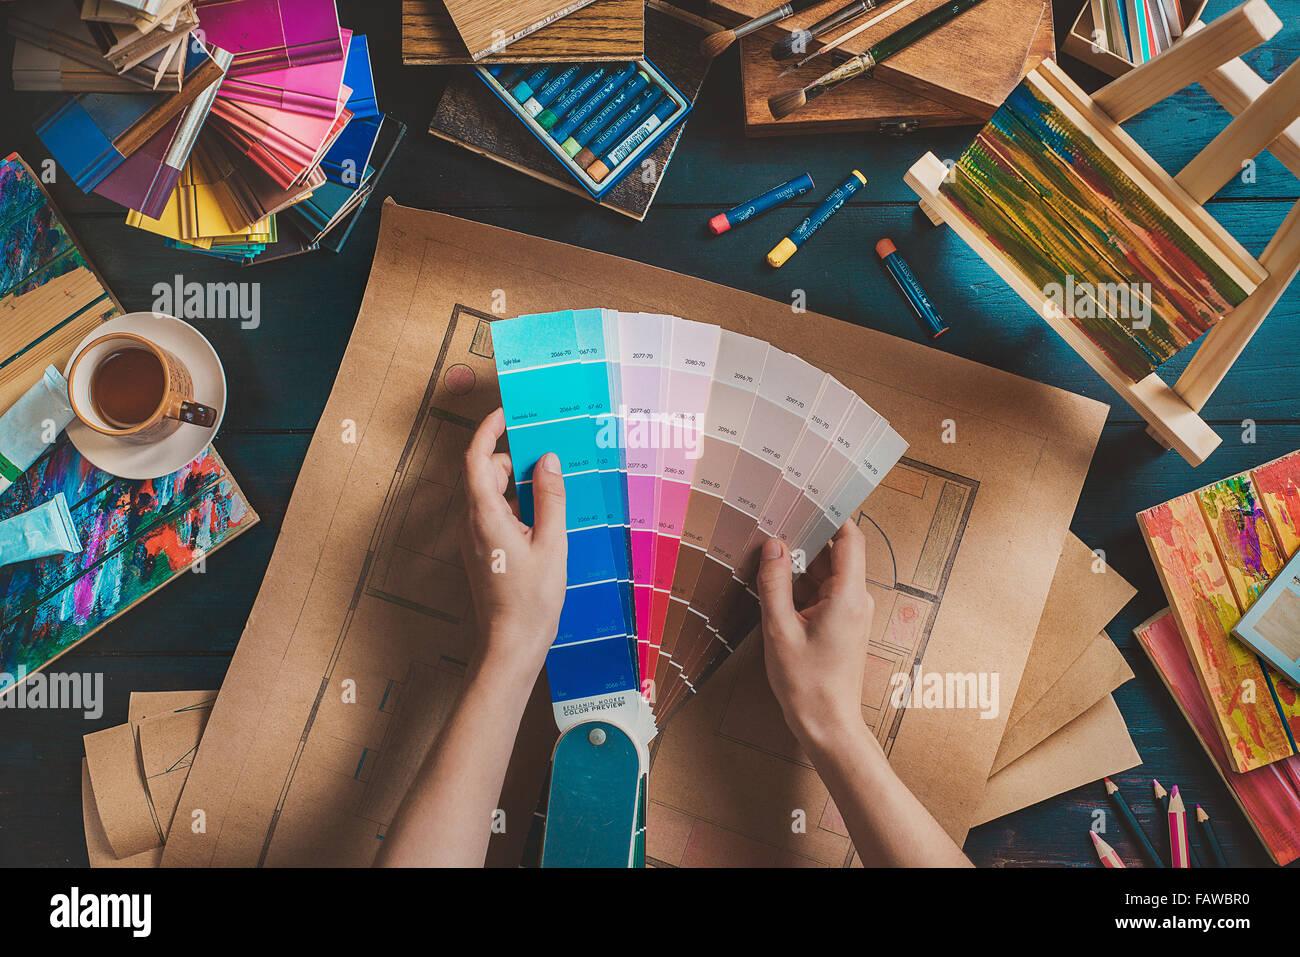 Diseñador de trabajo con herramientas creativas y de muestras de color Imagen De Stock